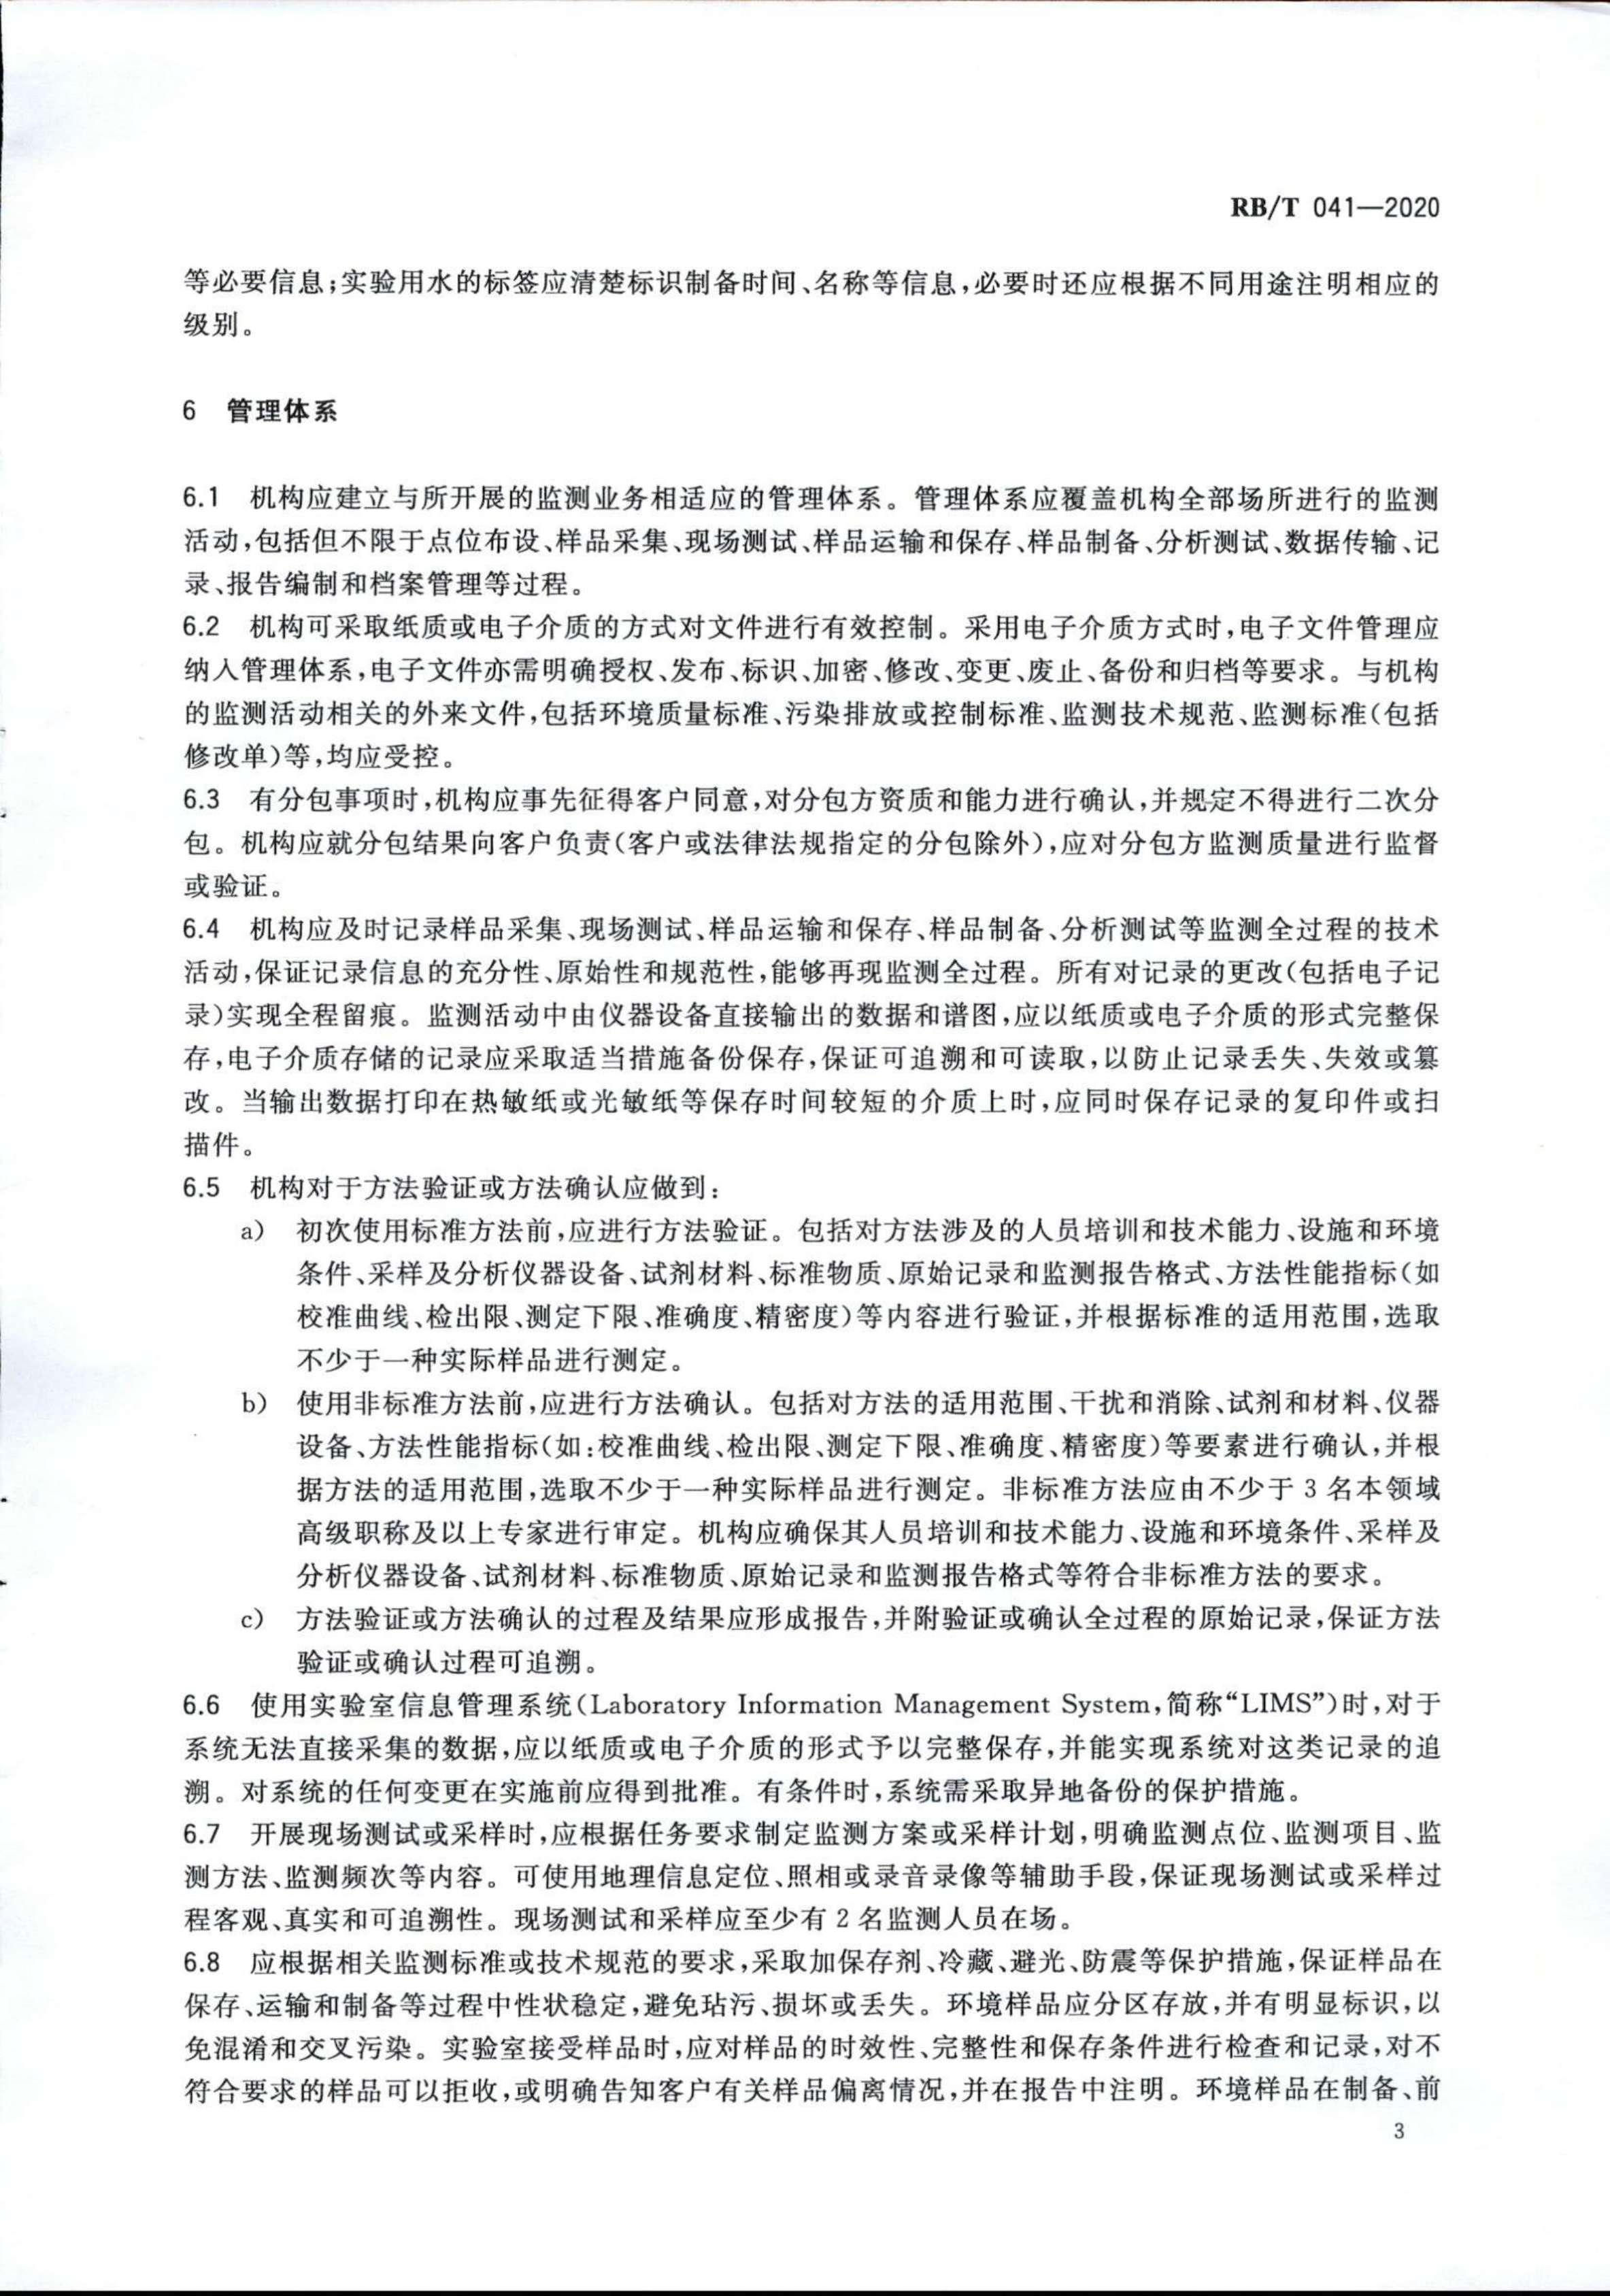 检验检测机构管理和技术能力评价 生态环境监测要求RBT 041-2020(1)_05.jpg